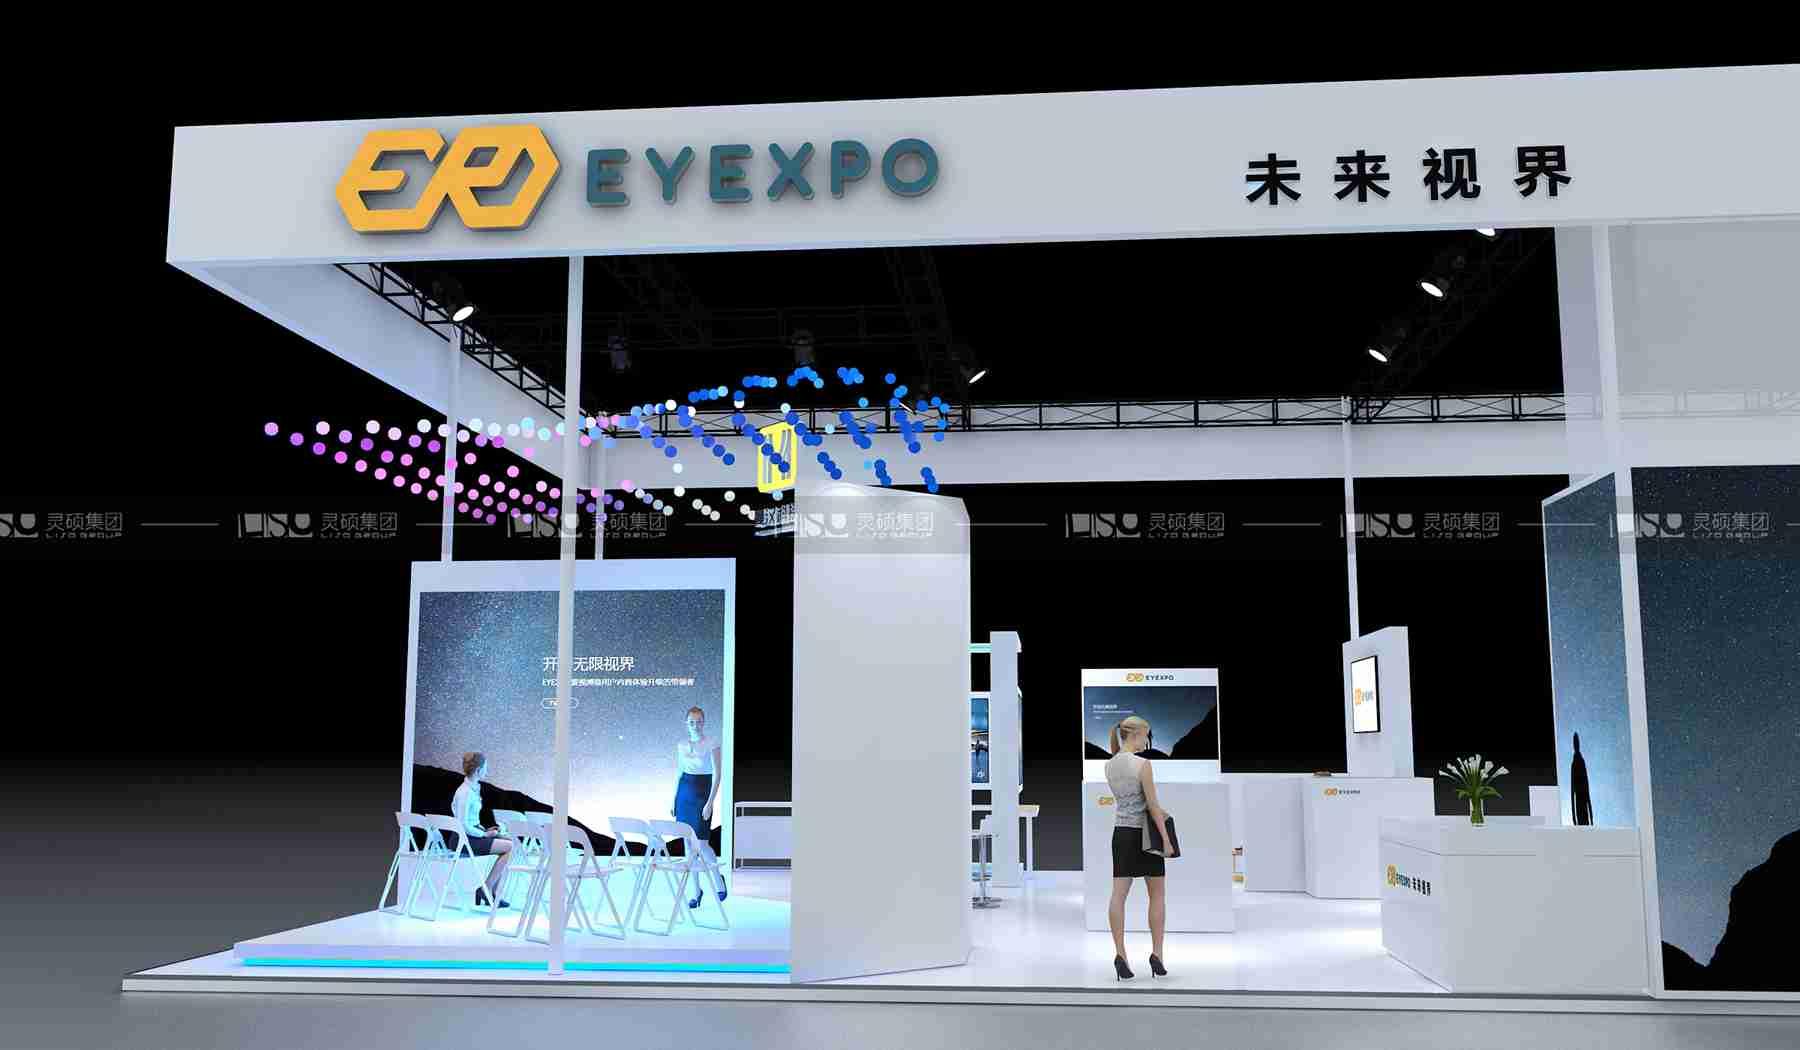 爱视博-2019年第二届进博会展台案例